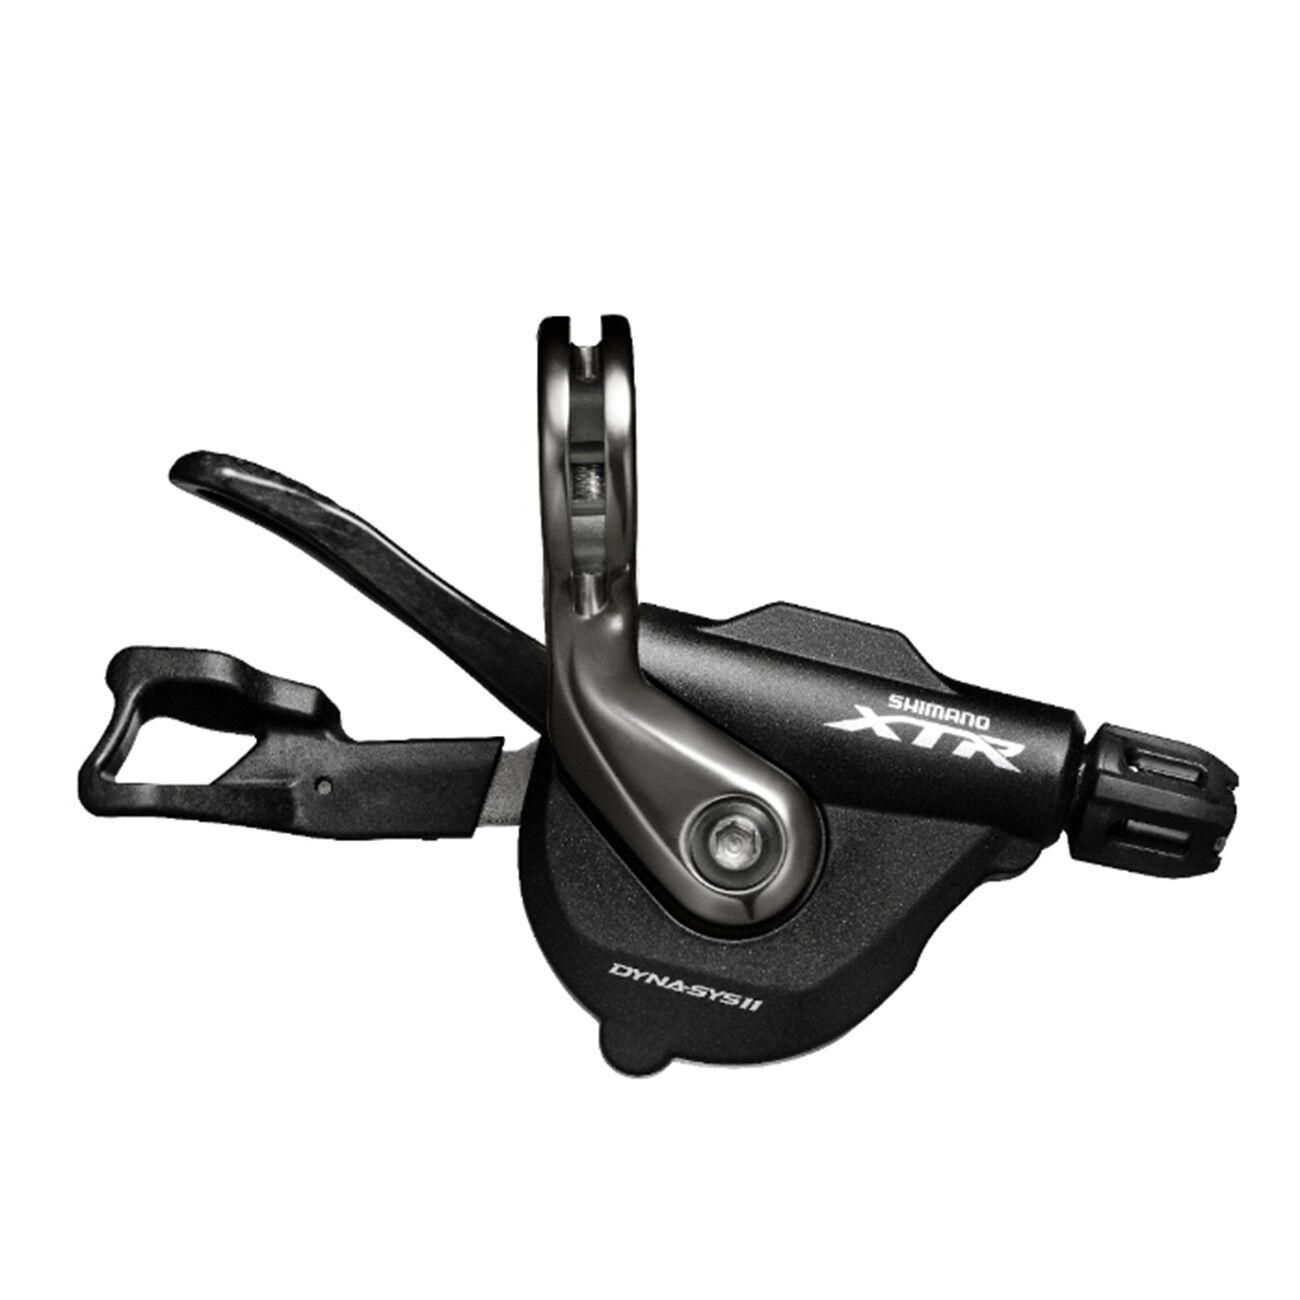 Shimano XTR SL-M9000-R 11 velocidades derecha palanca de cambios Palanca Bicicleta De Montaña Bicicleta